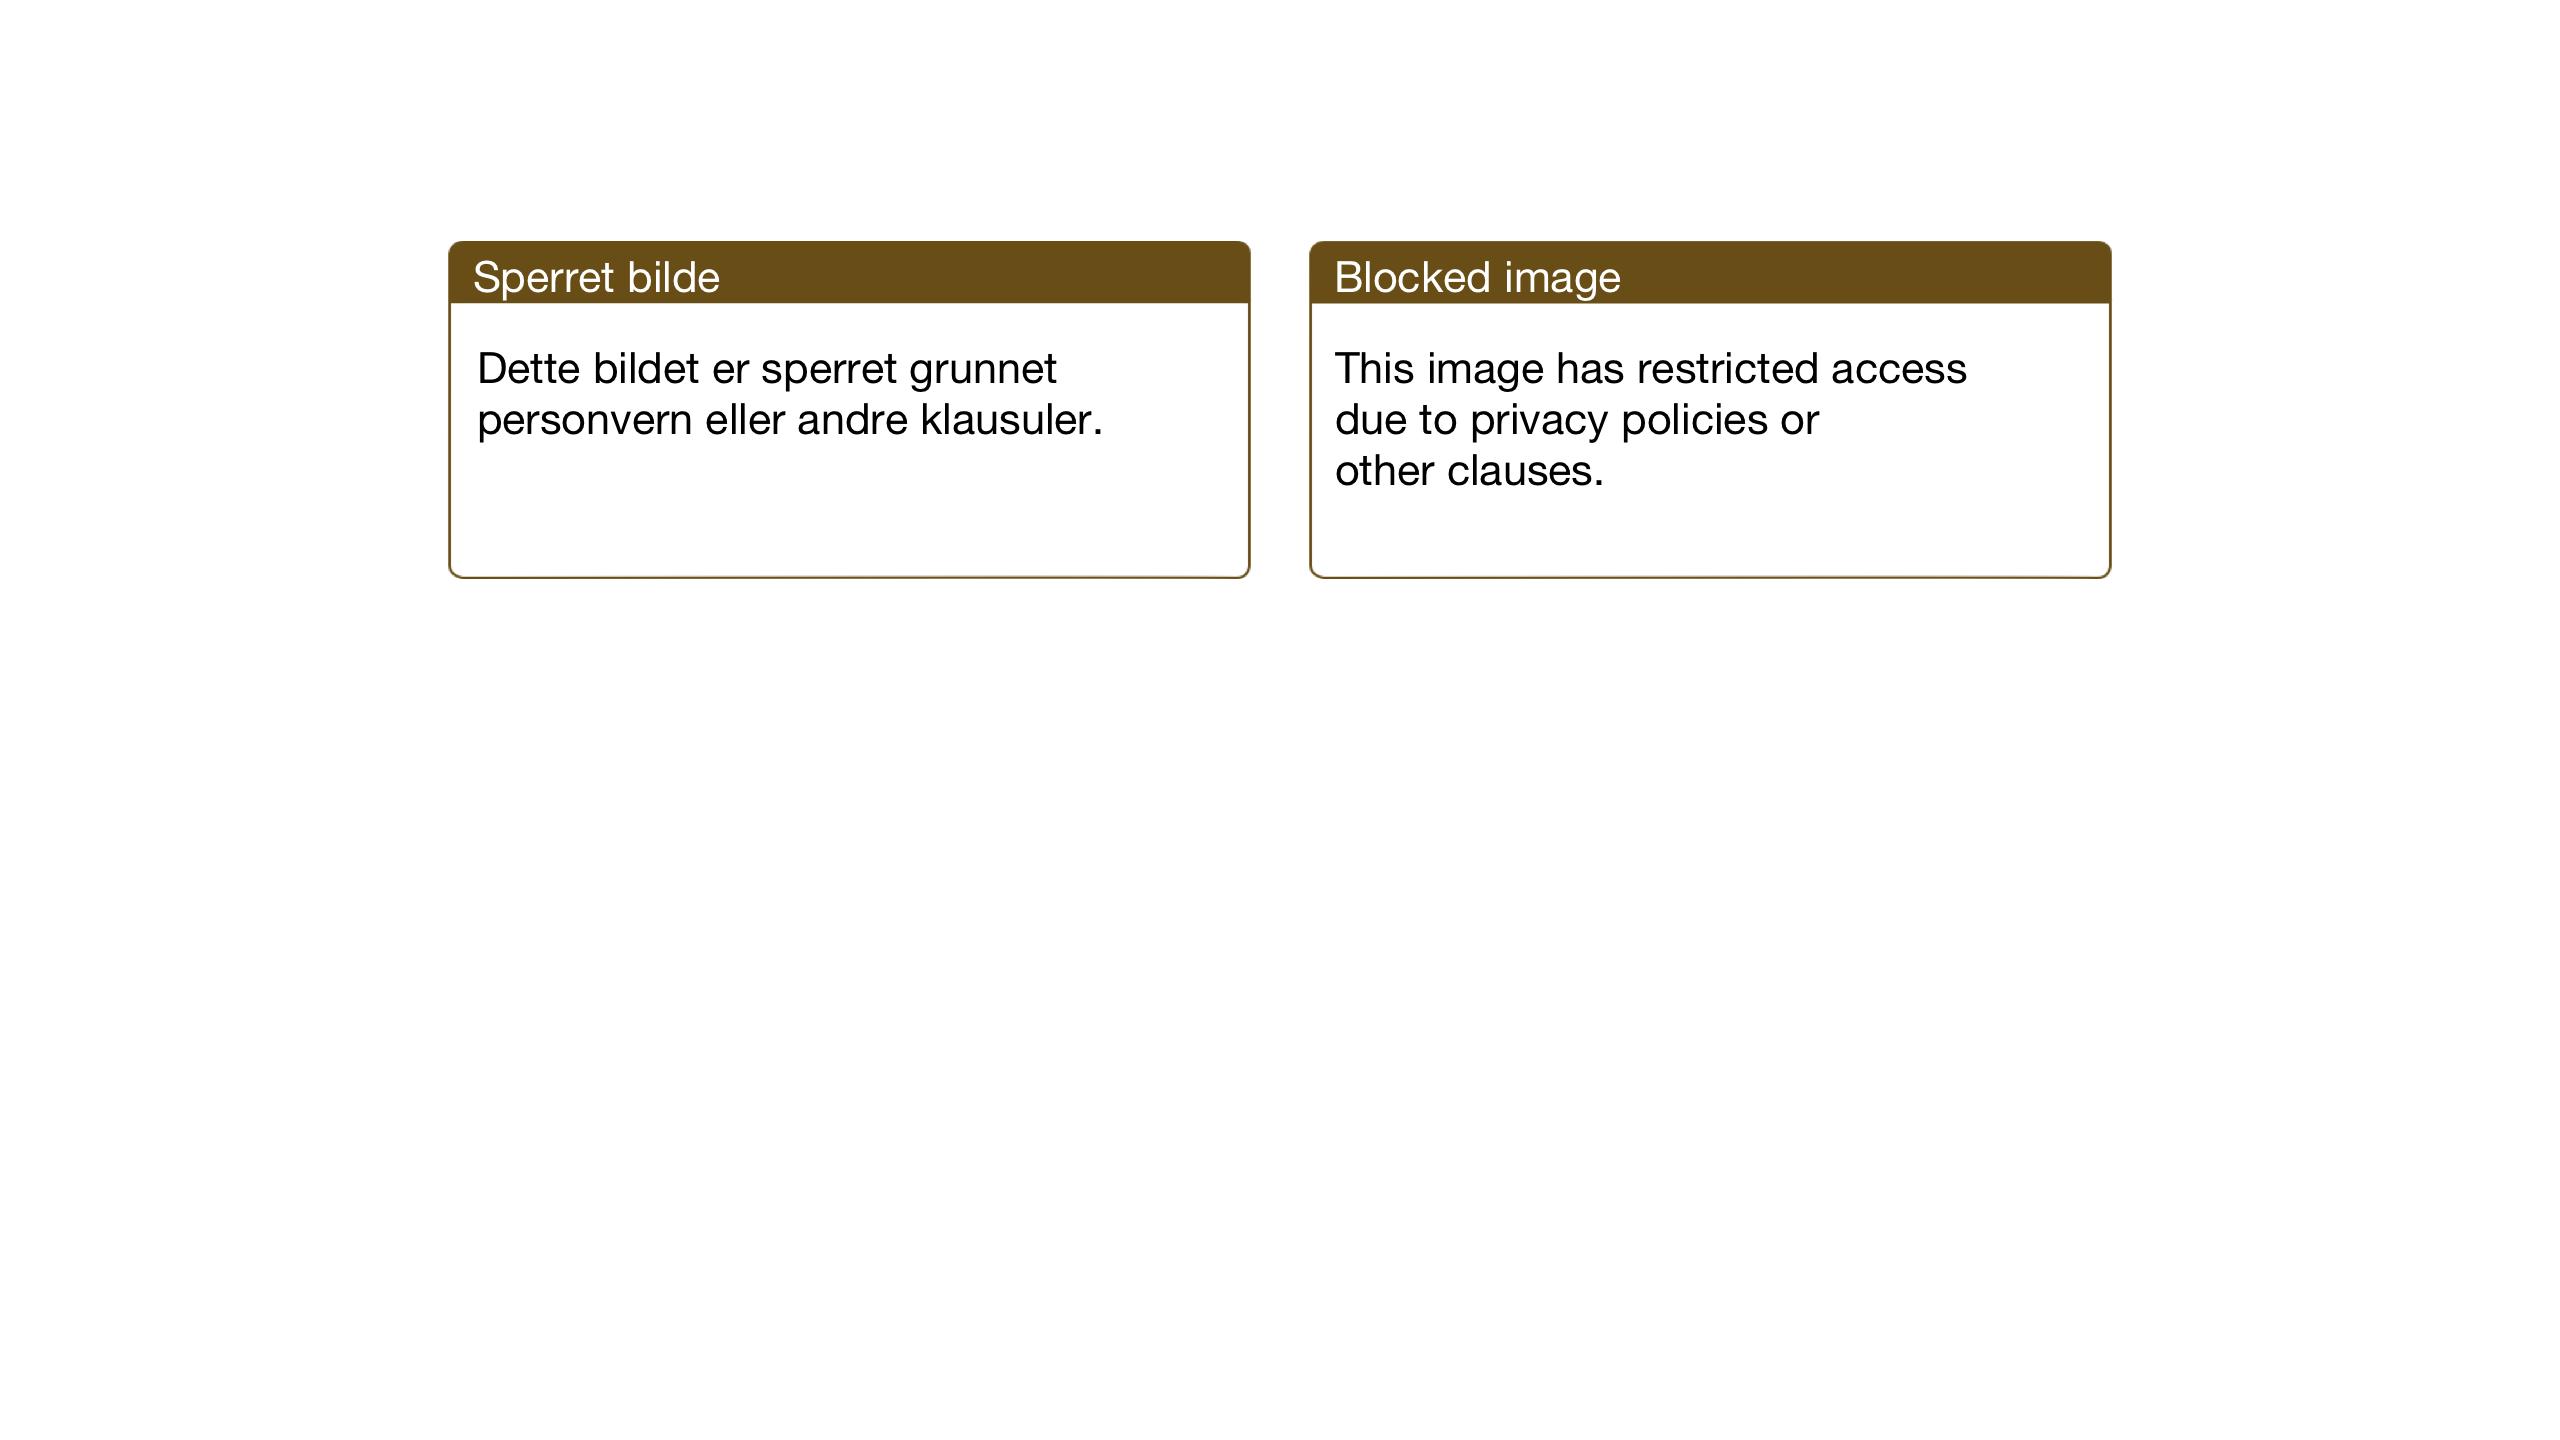 SAT, Ministerialprotokoller, klokkerbøker og fødselsregistre - Sør-Trøndelag, 616/L0424: Klokkerbok nr. 616C07, 1904-1940, s. 49